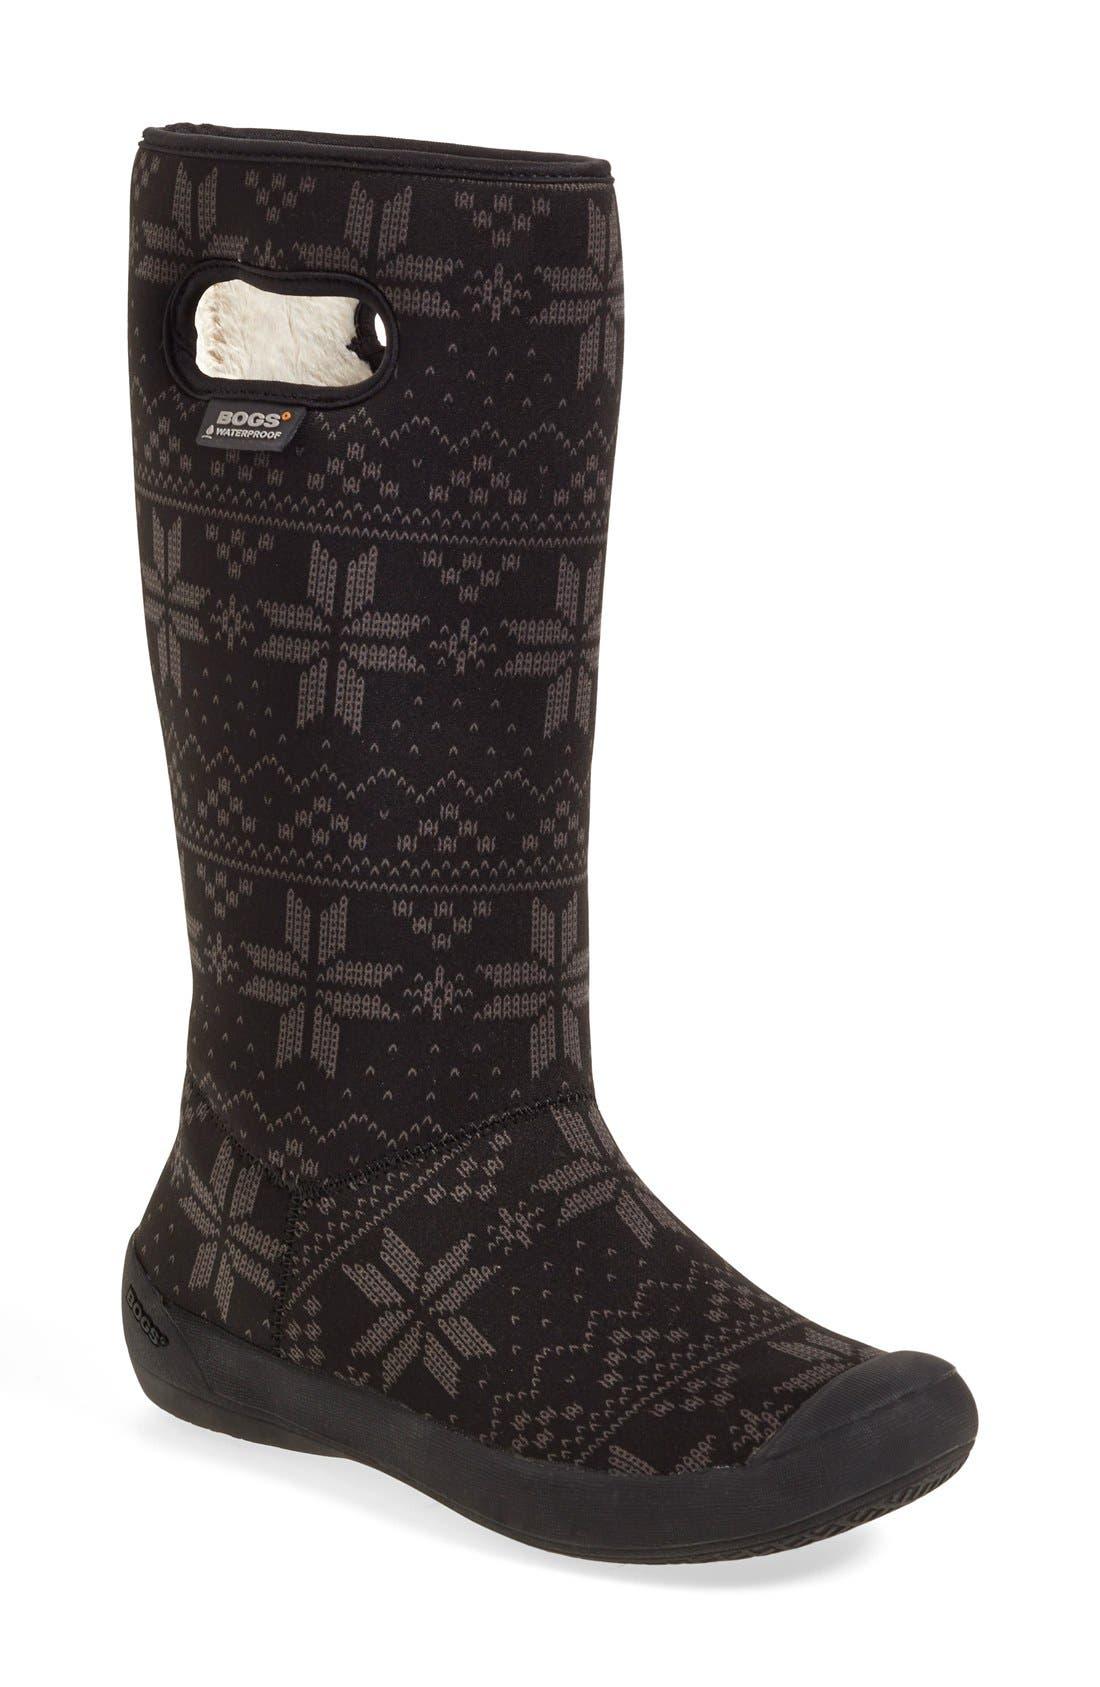 Main Image - Bogs 'Summit - Sweater' Waterproof Boot (Women)